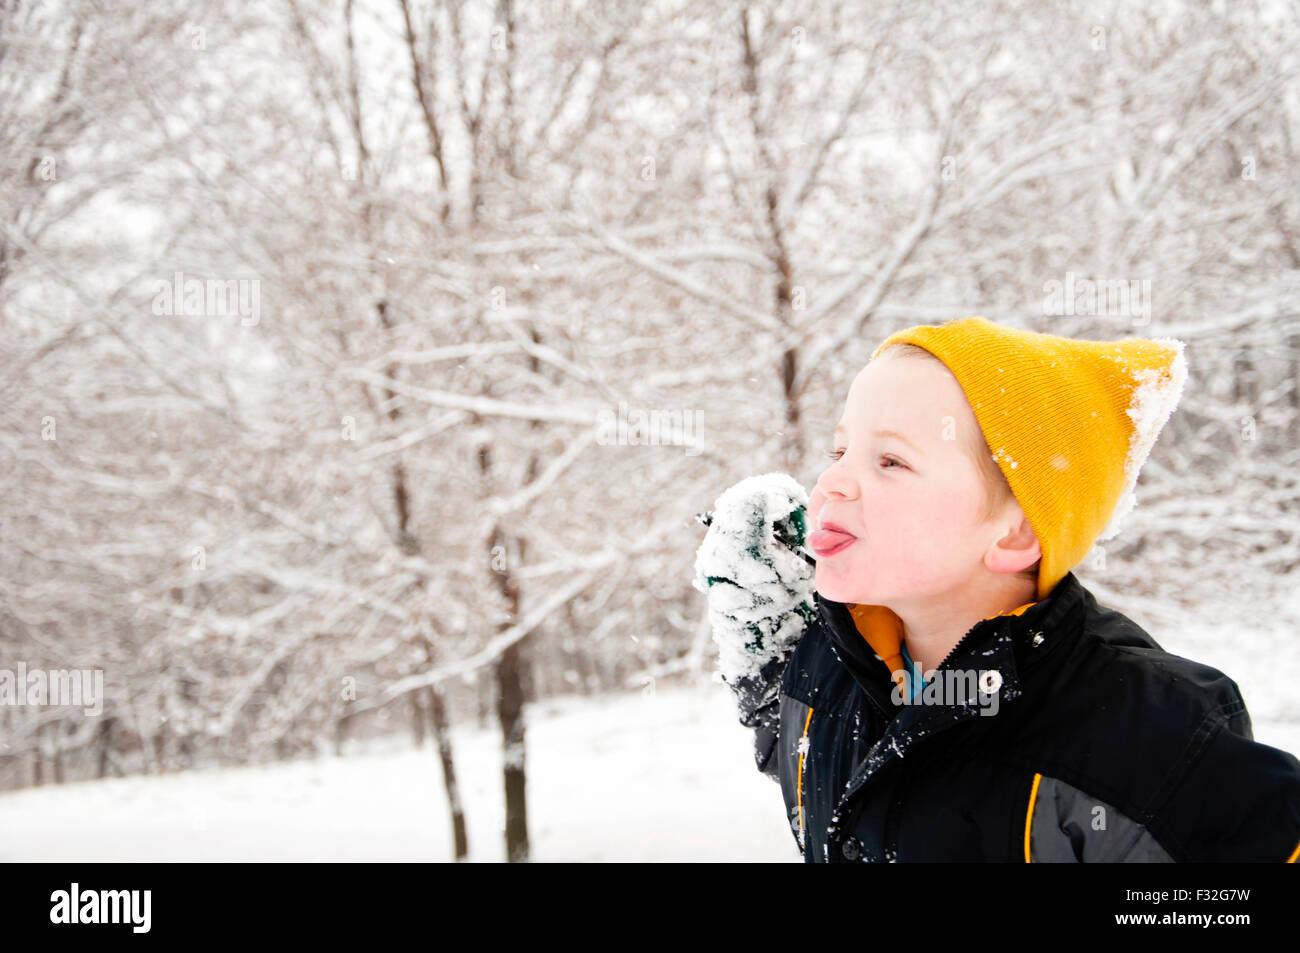 Ragazzo spuntavano lingua paesaggio invernale Immagini Stock